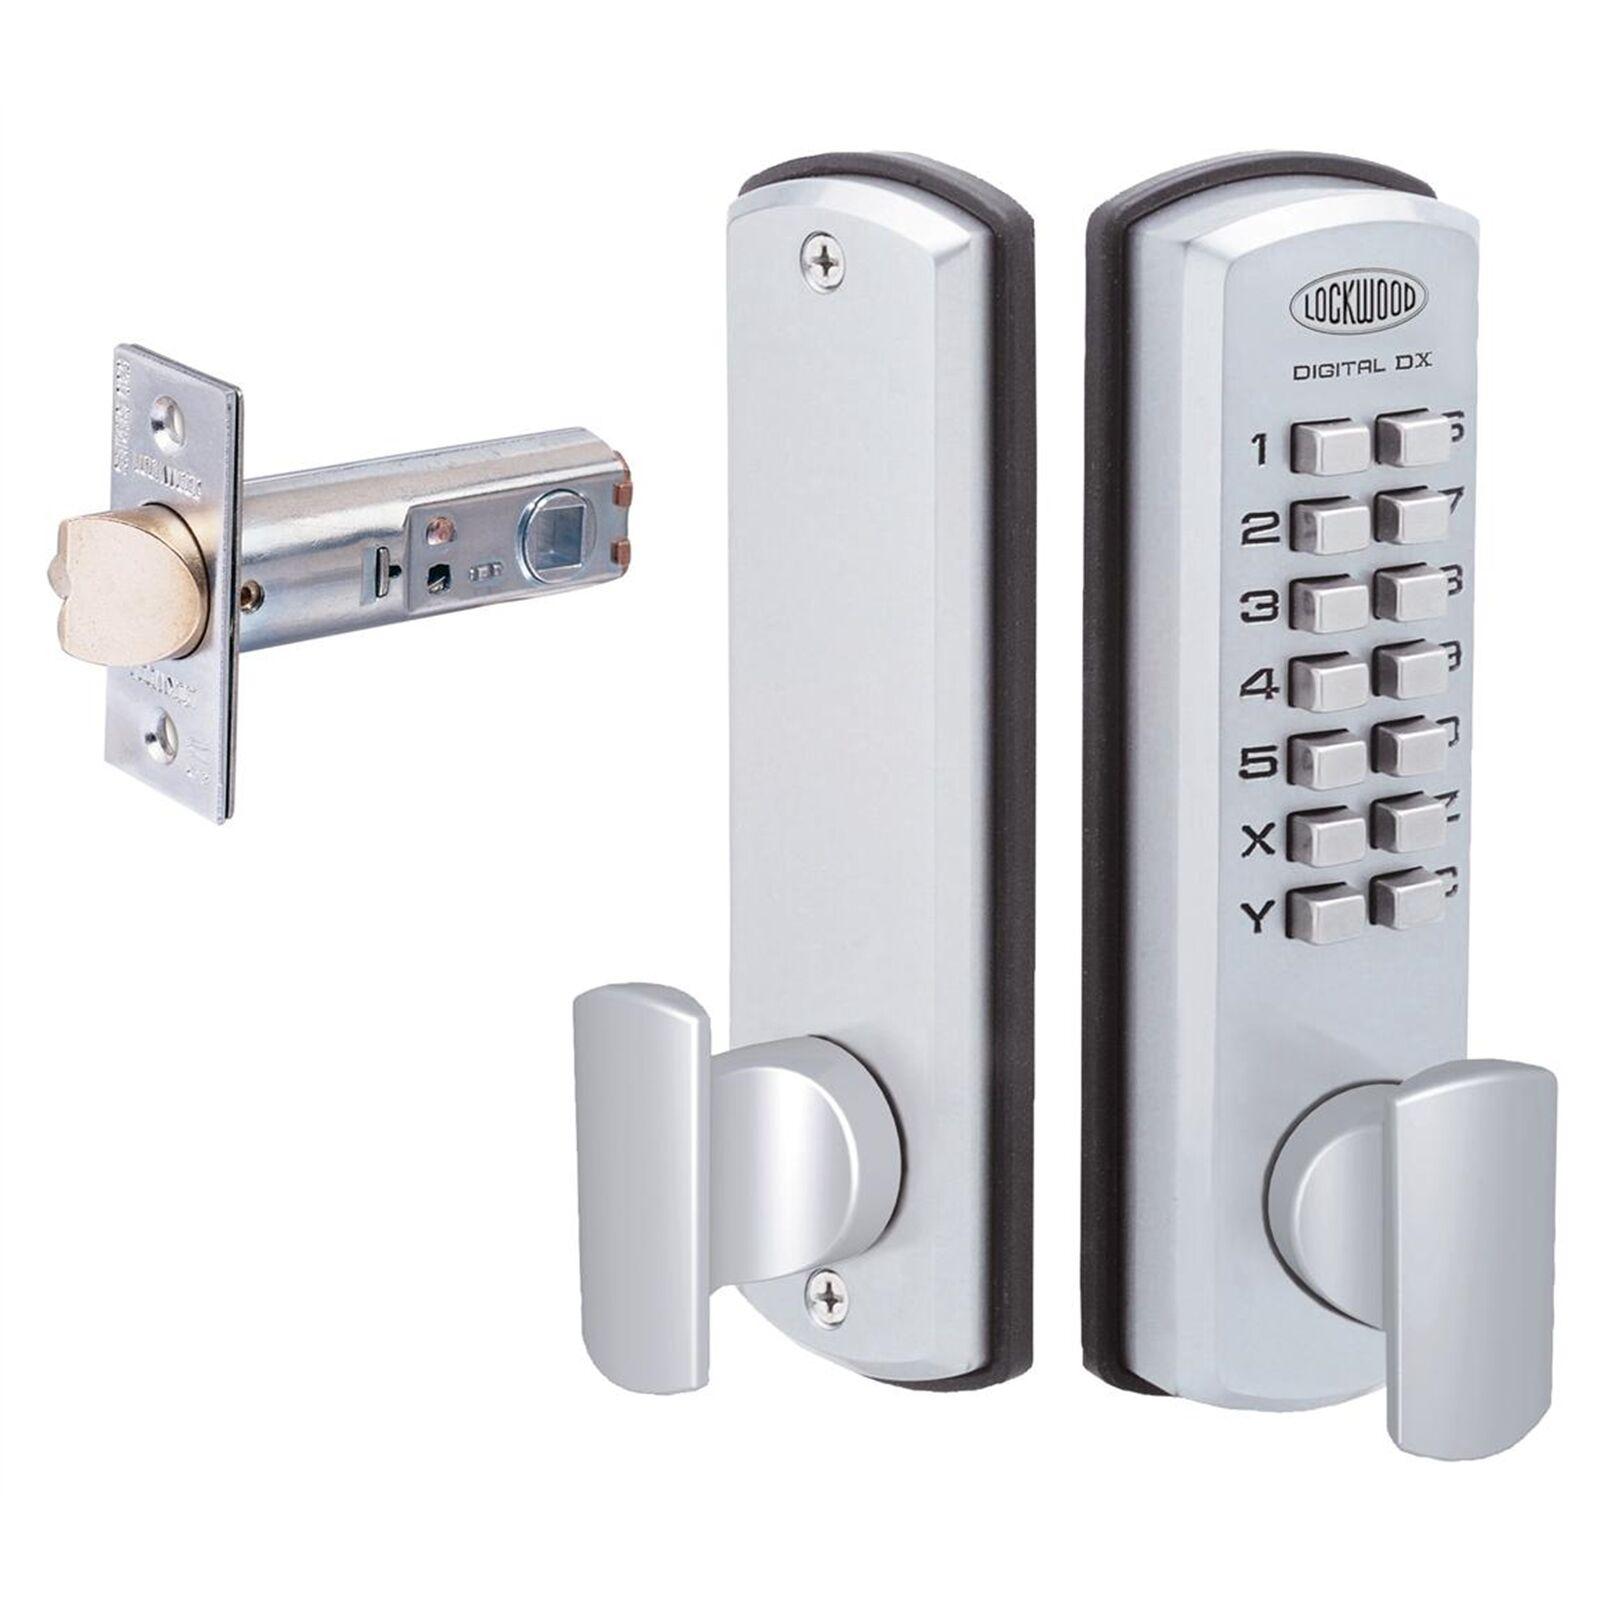 Lockwood 530 Digital Cerradura De Puerta Mango Juego de entrada sin llave DX Combo 530 dxscdp